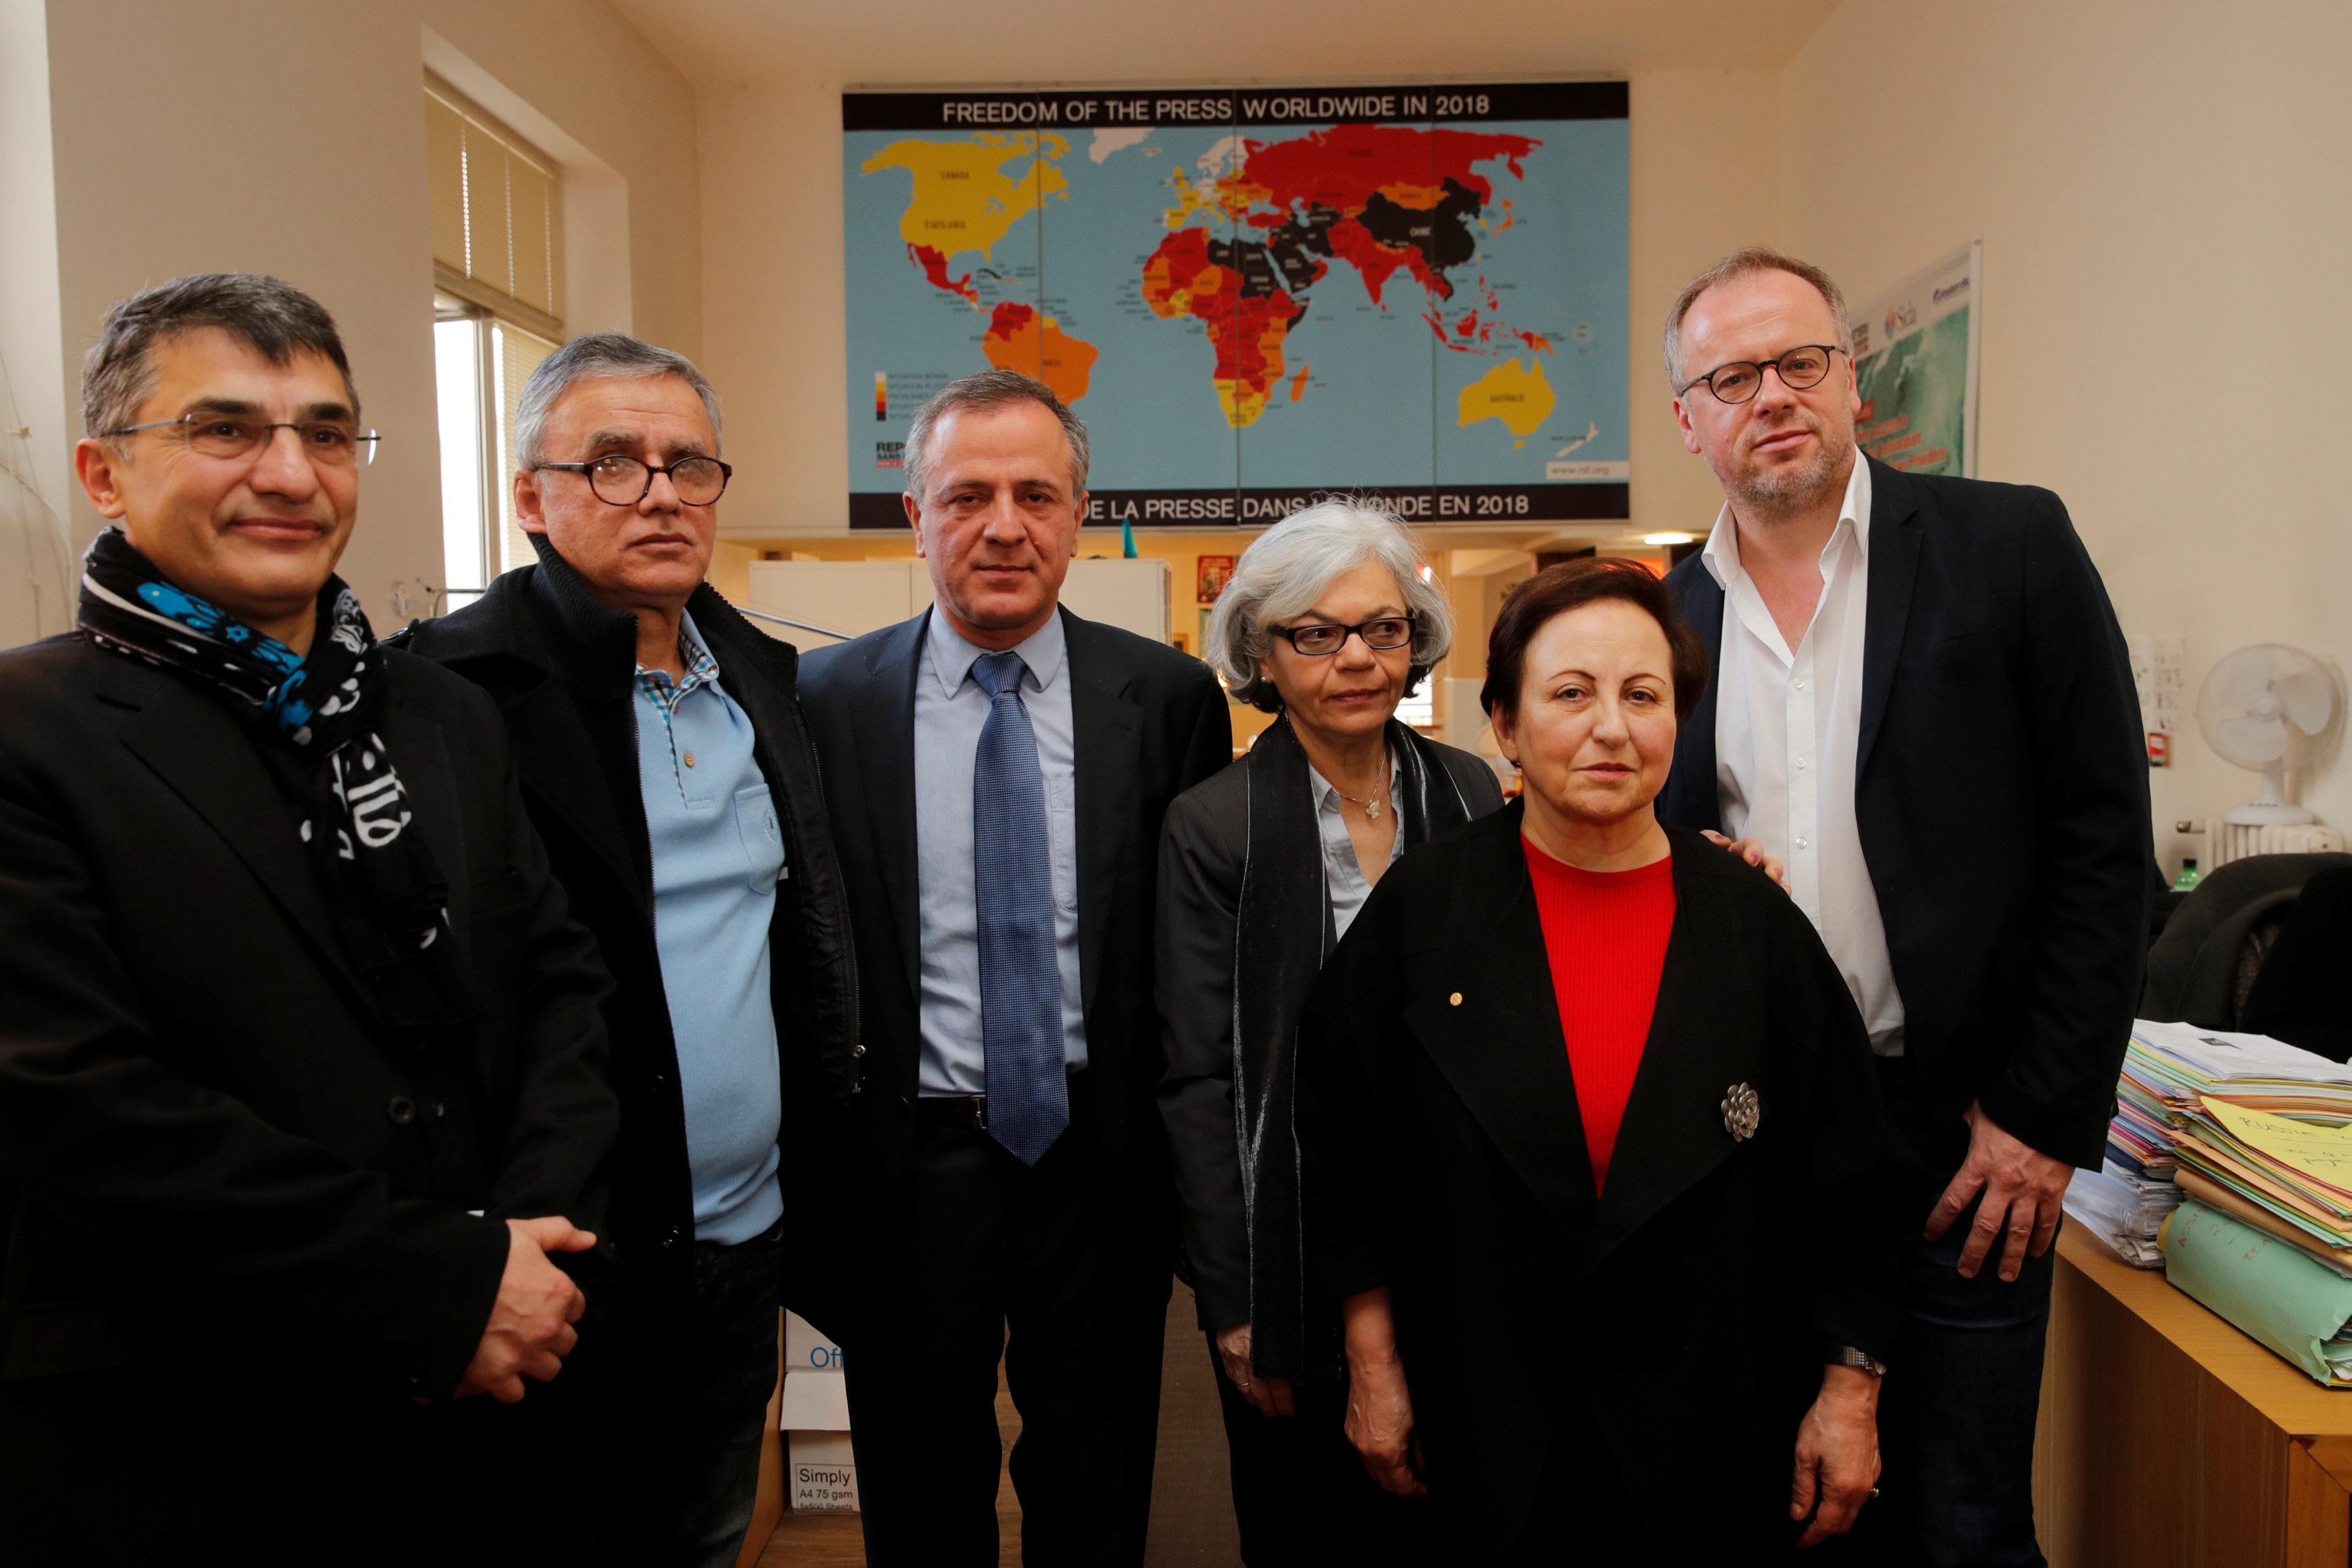 Ejecutivos de Reporteros sin Fronteras en la conferencia de prensa (REUTERS/Philippe Wojazer)